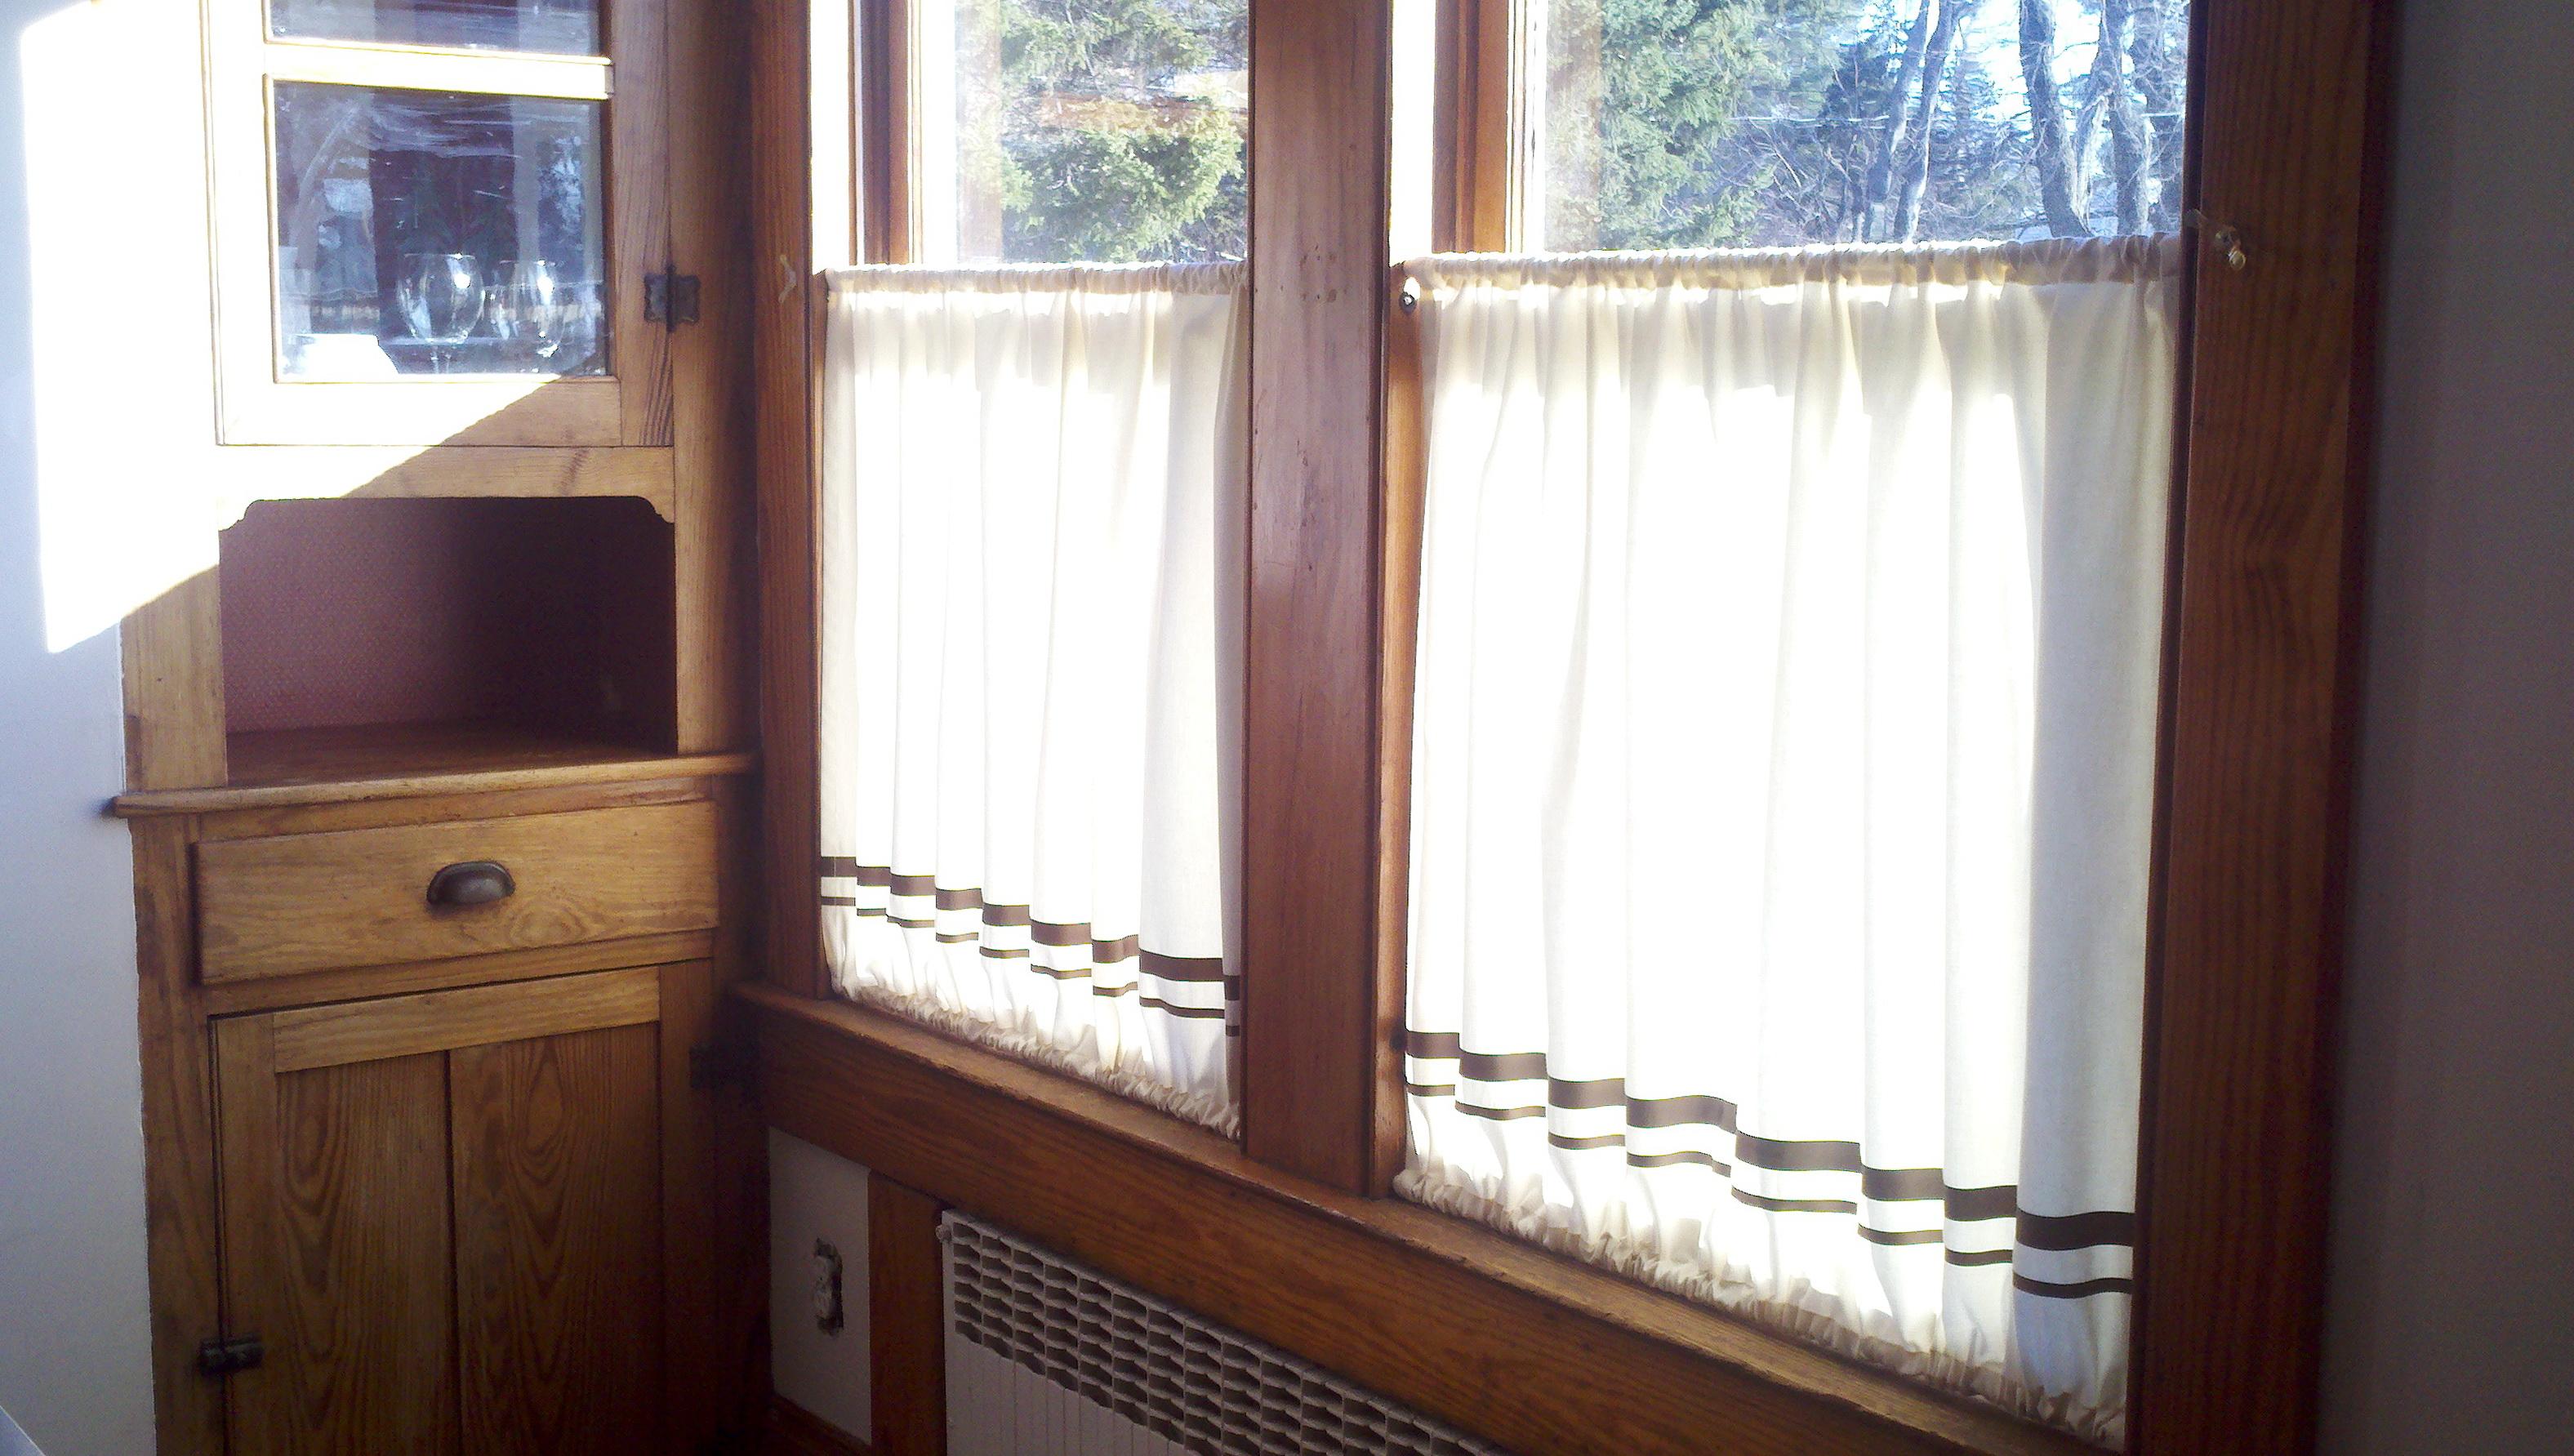 Martha Stewart Cafe Curtains Home Design Ideas